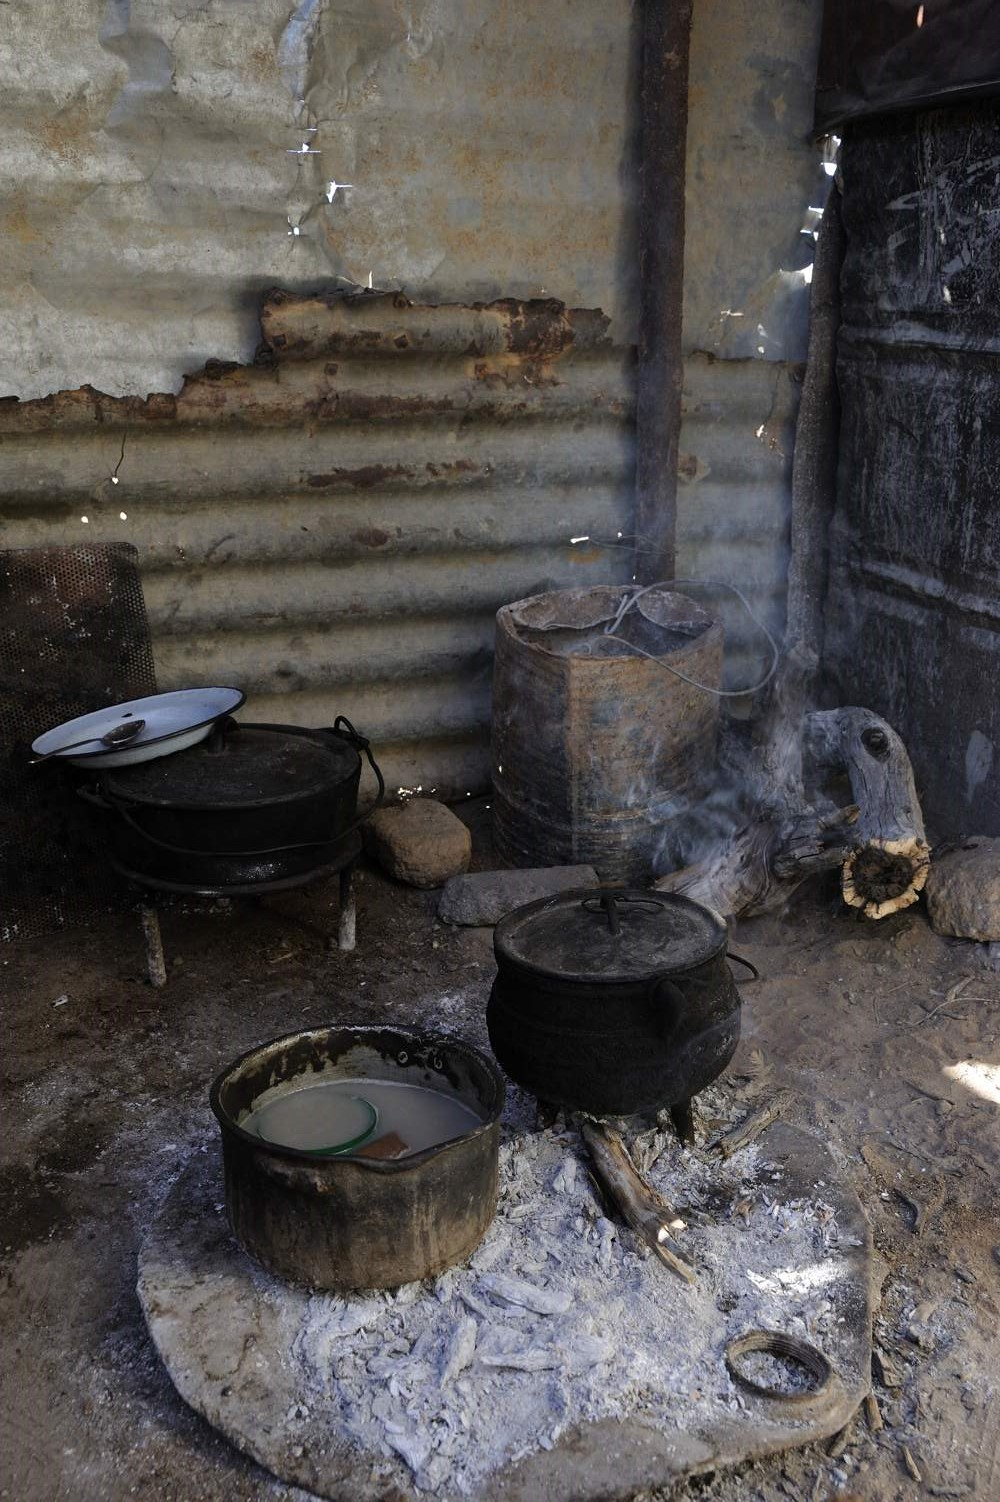 De keuken van het gezin Swartbooi.